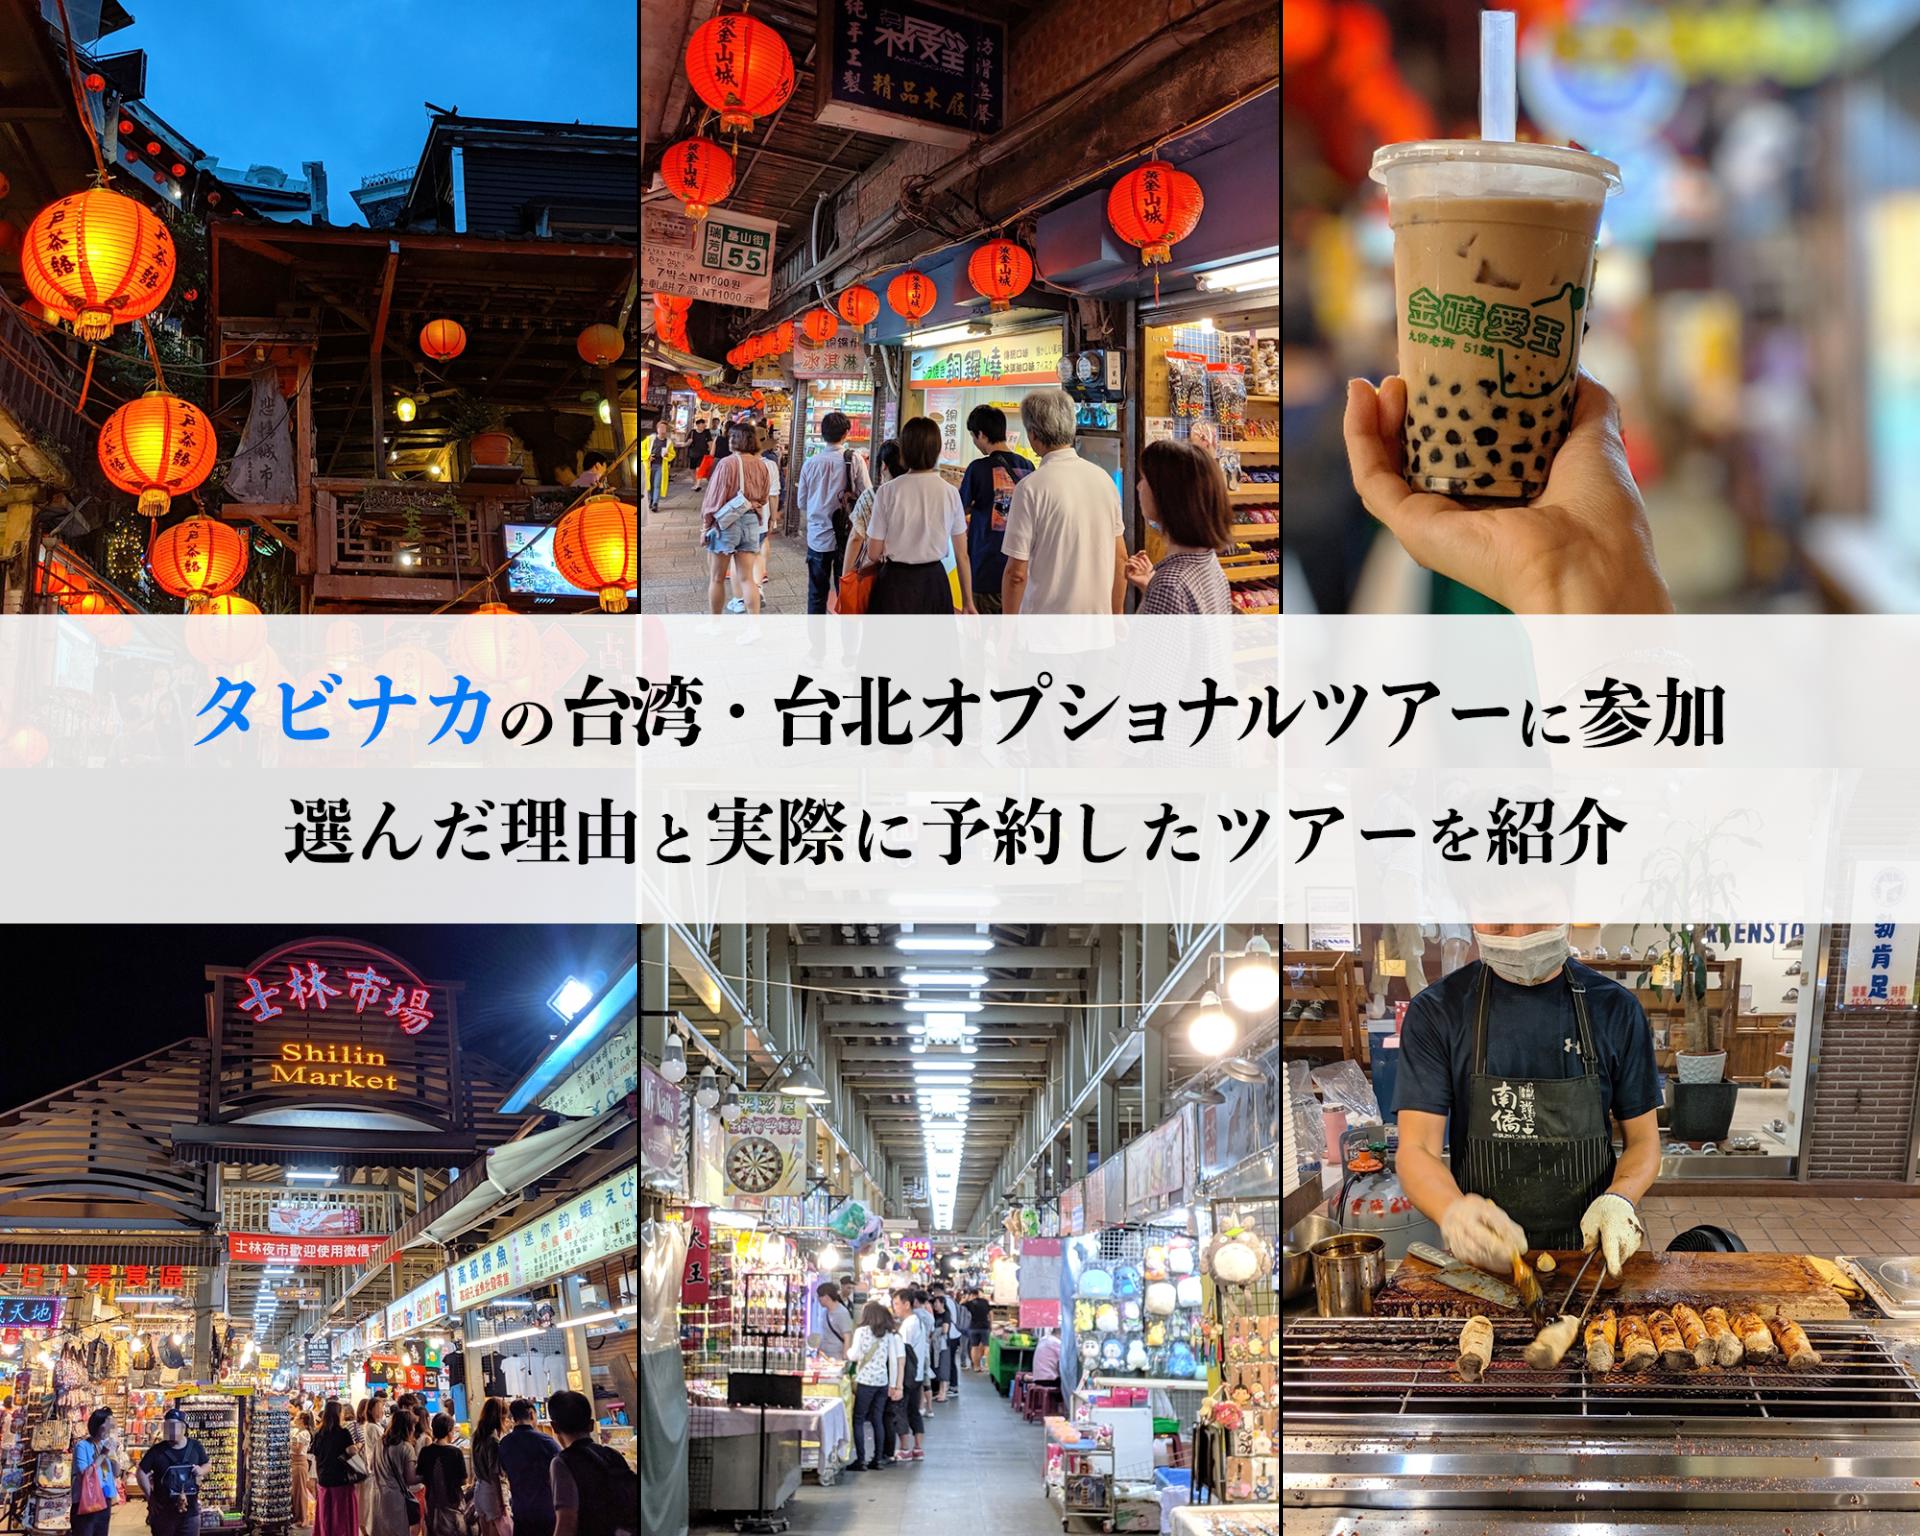 タビナカの台湾・台北オプショナルツアーに参加してきた。選んだ理由と実際に予約したツアーを紹介